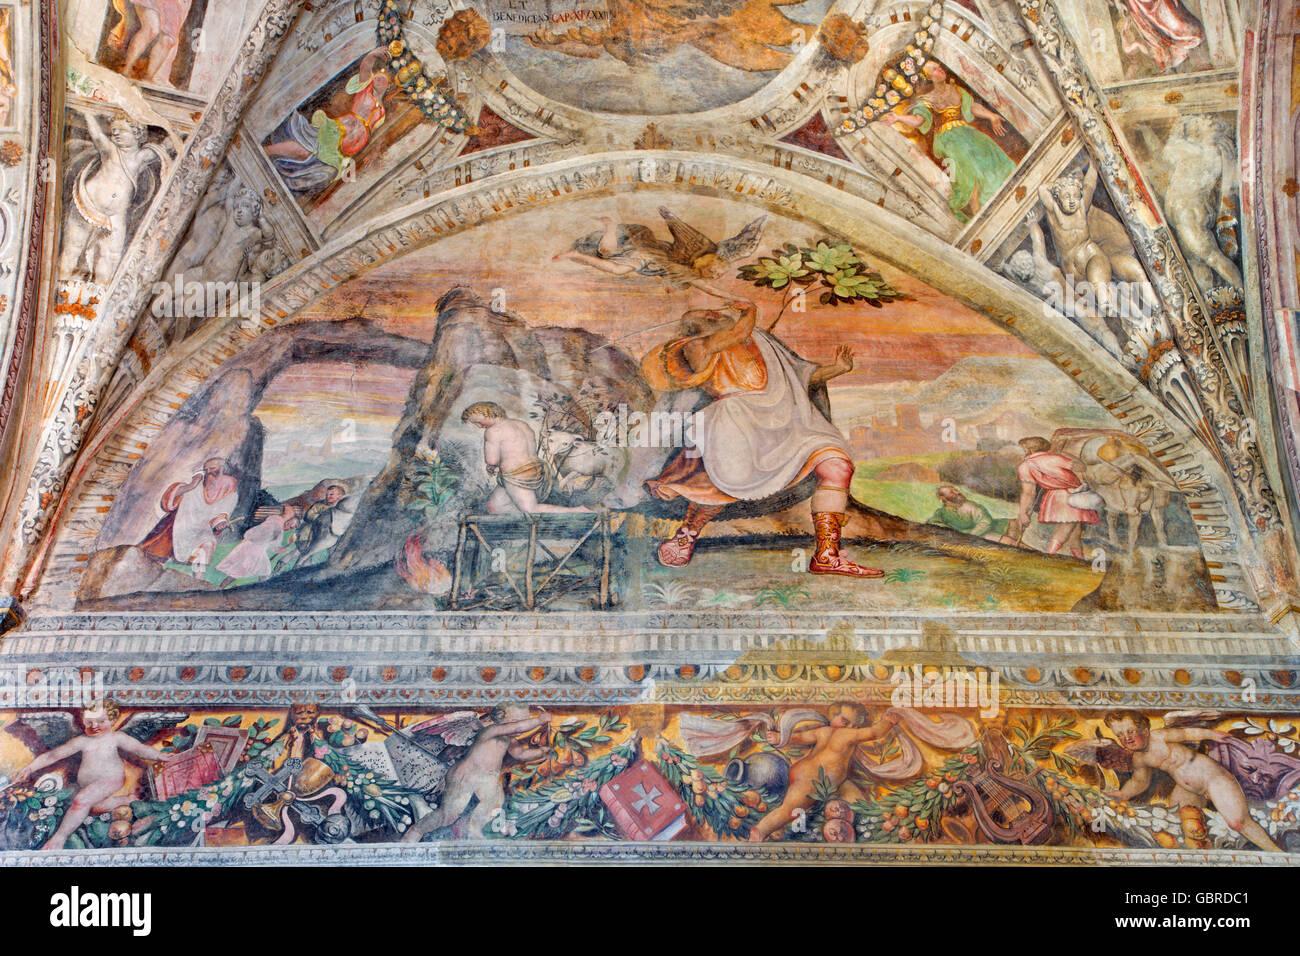 BRESCIA, ITALY - MAY 21, 2016: The fresco of Sacrifice of Isaac in presbytery of church Chiesa del Santissimo Corpo - Stock Image